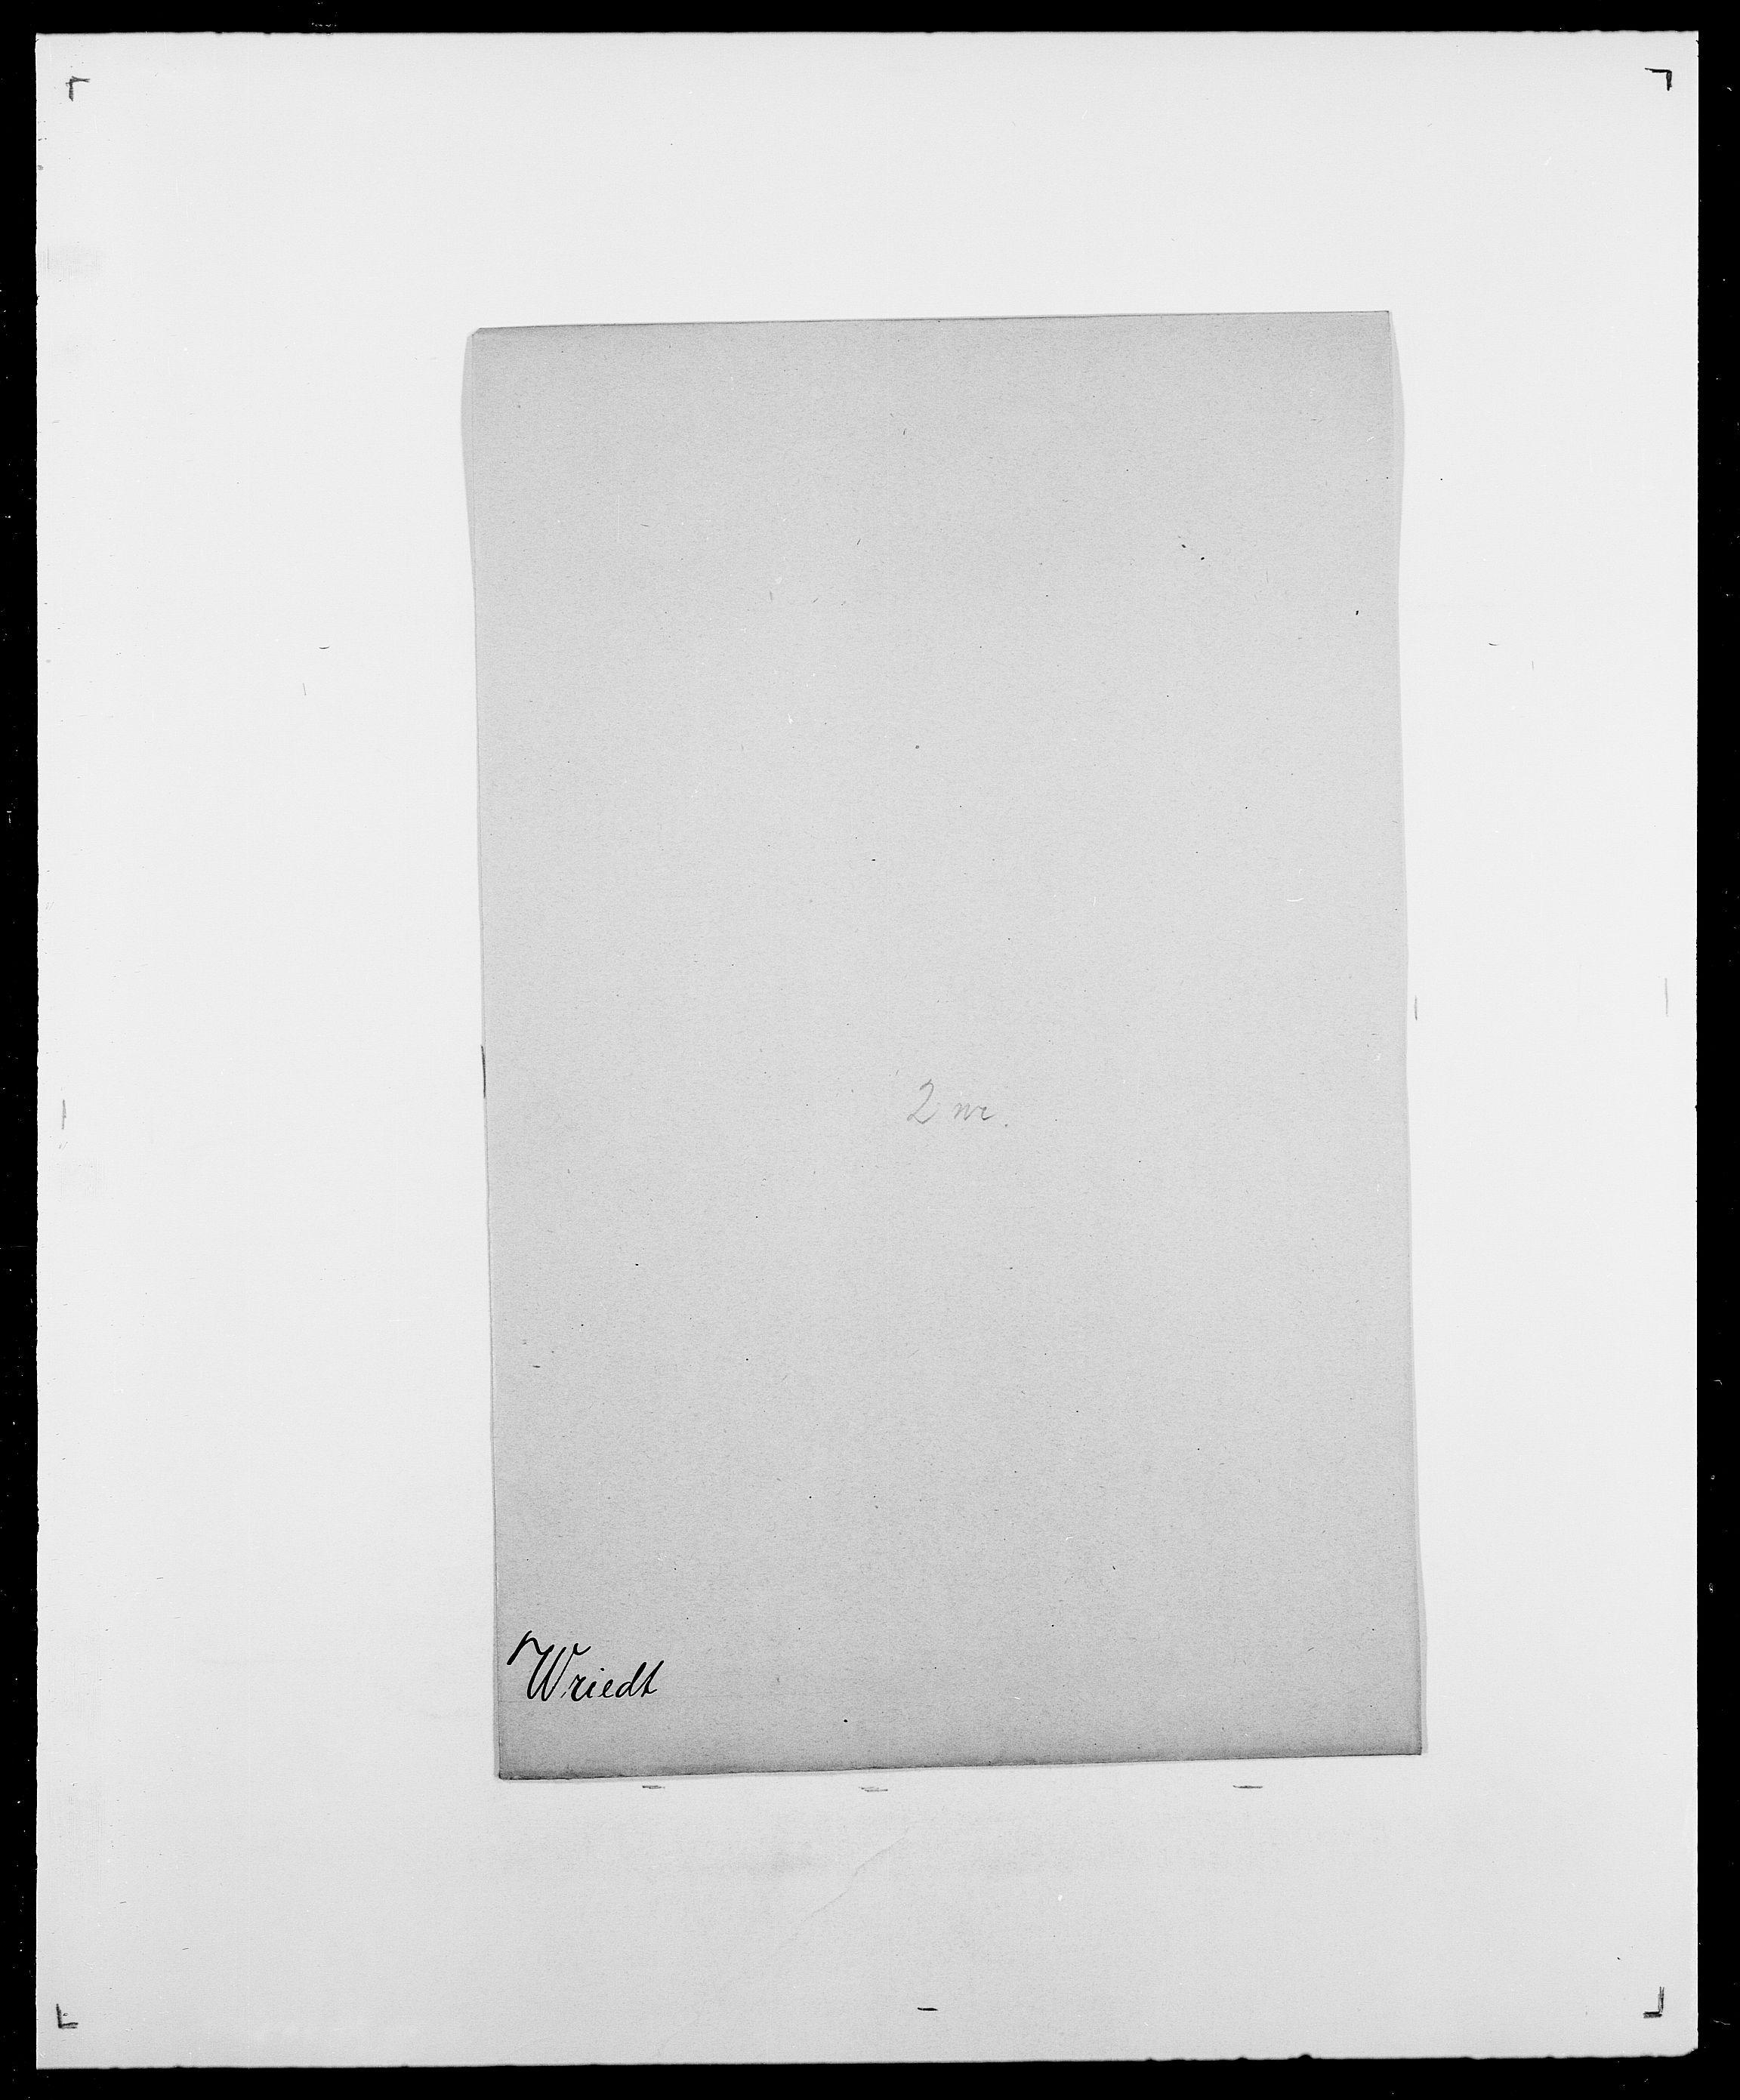 SAO, Delgobe, Charles Antoine - samling, D/Da/L0042: Vilain - Wulf, Wulff, se også Wolf, s. 753